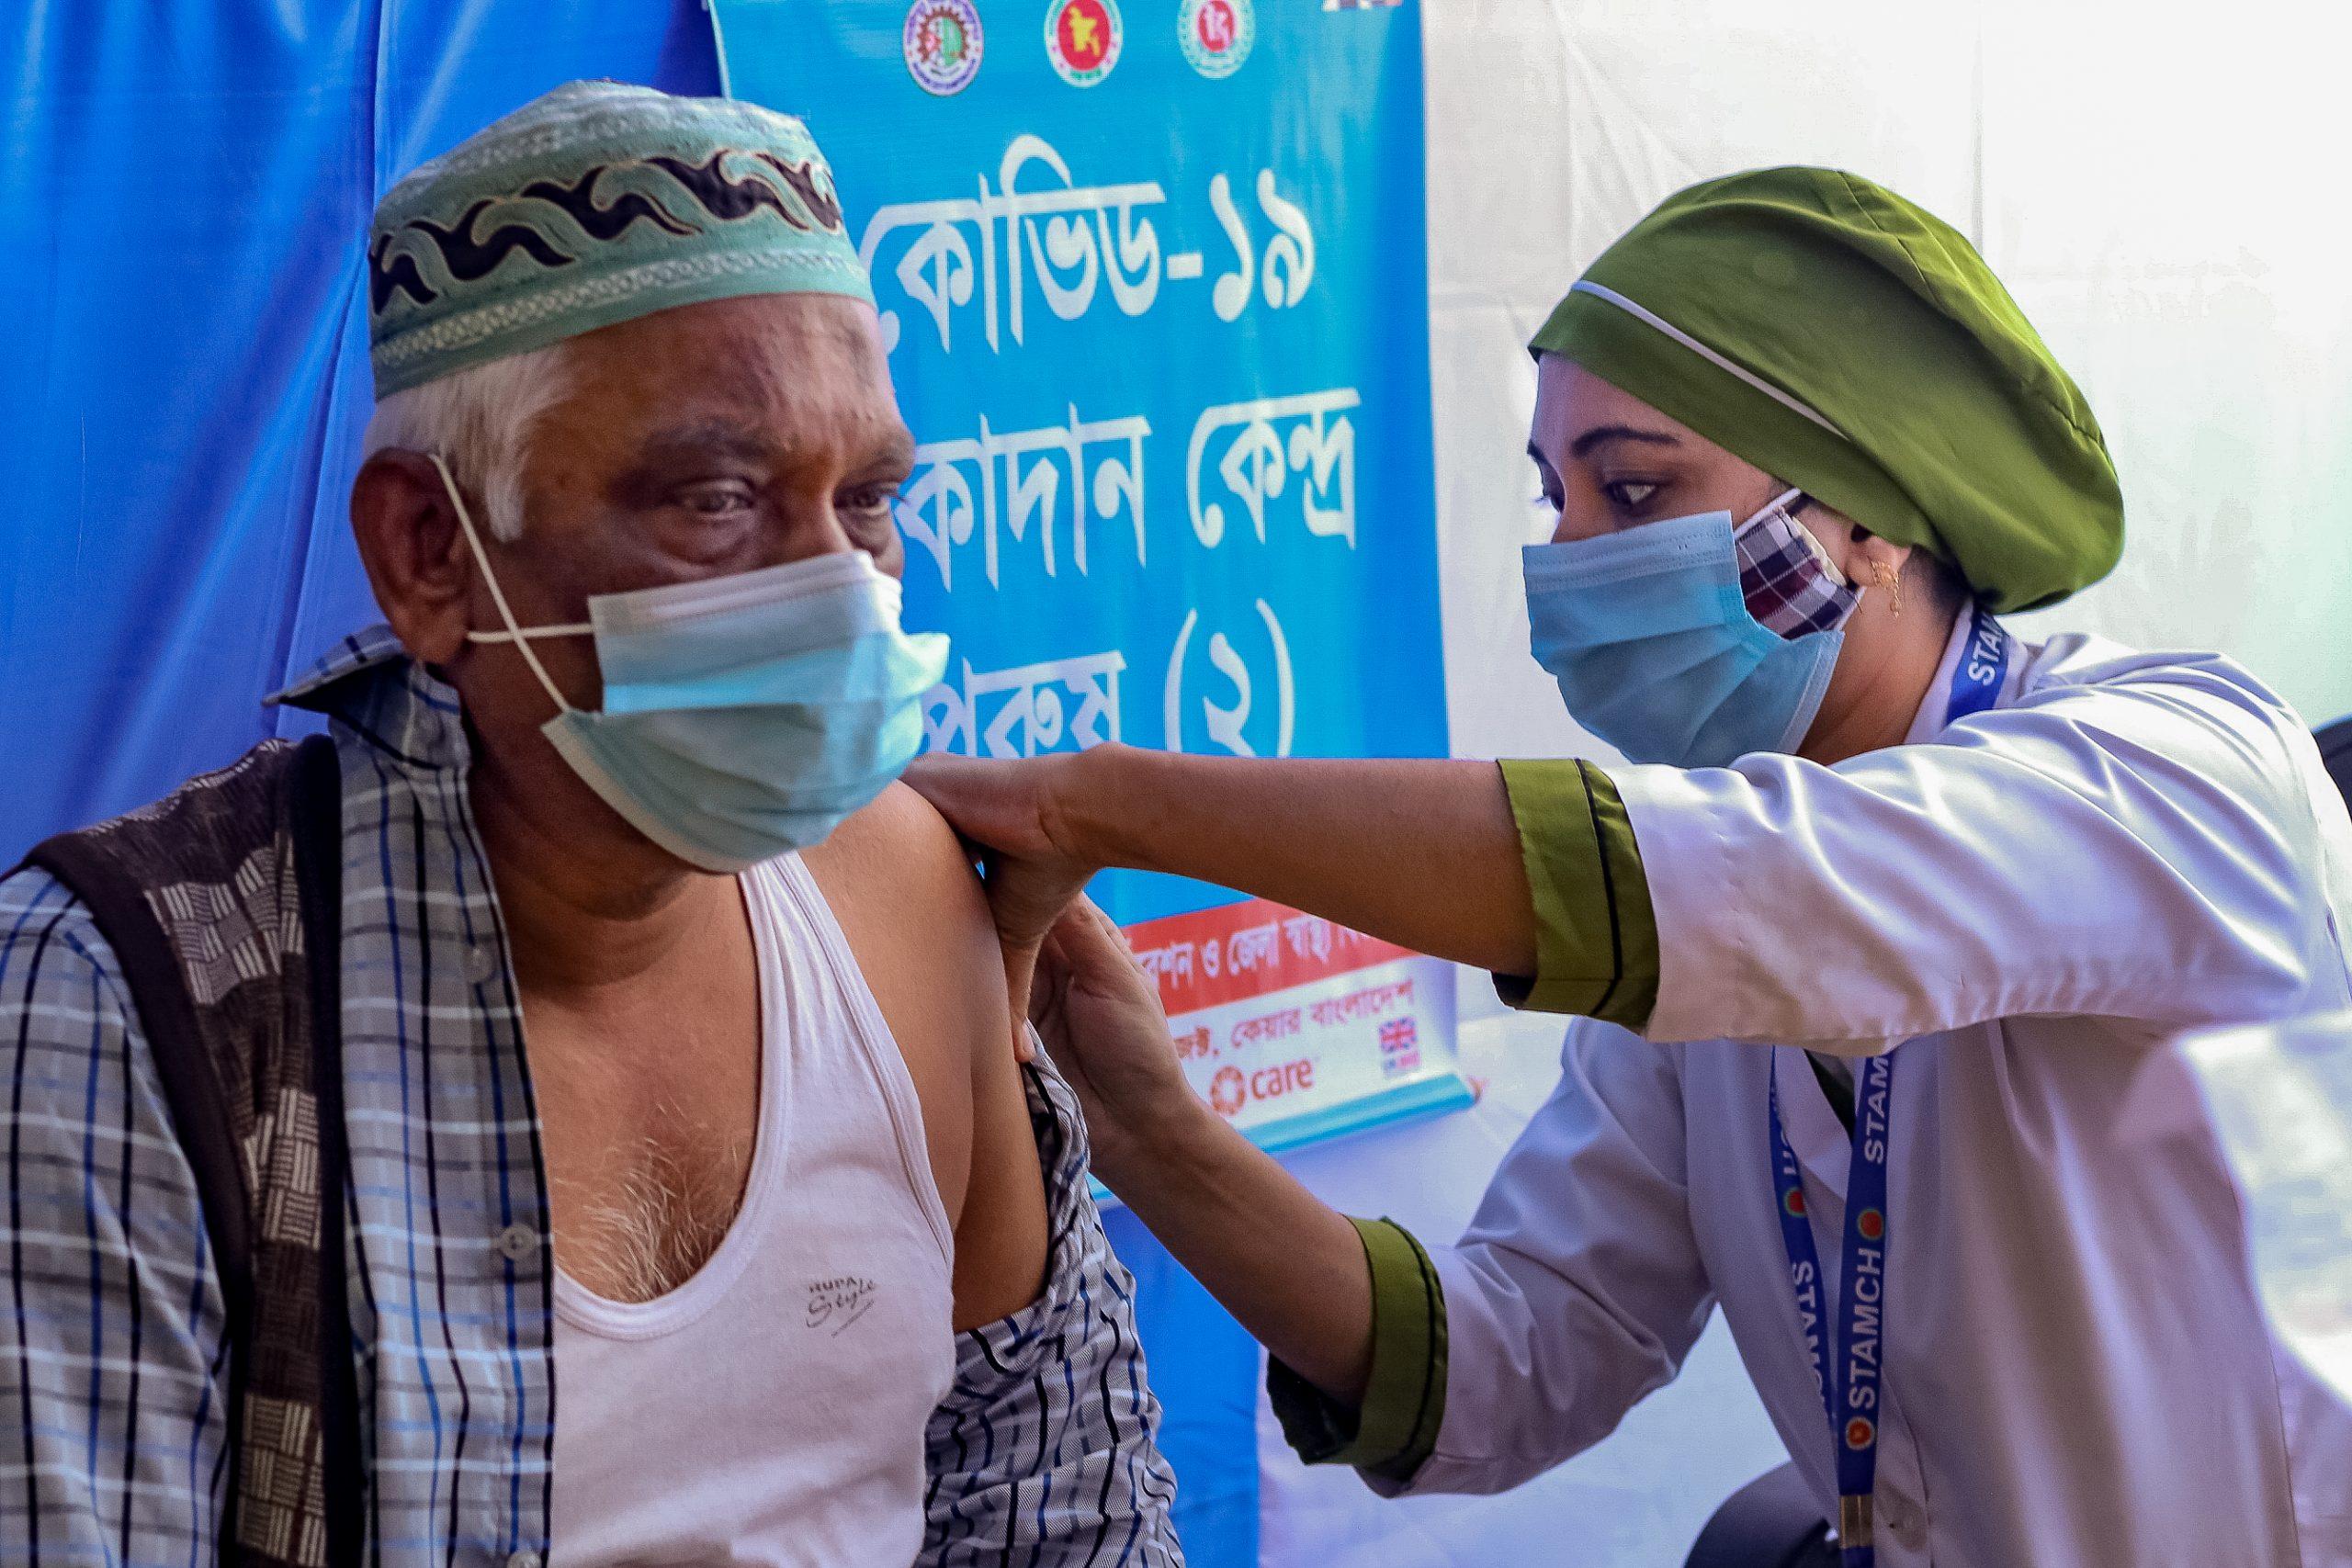 Ambas usando máscaras, uma trabalhadora de saúde dá uma vacina a um homem.